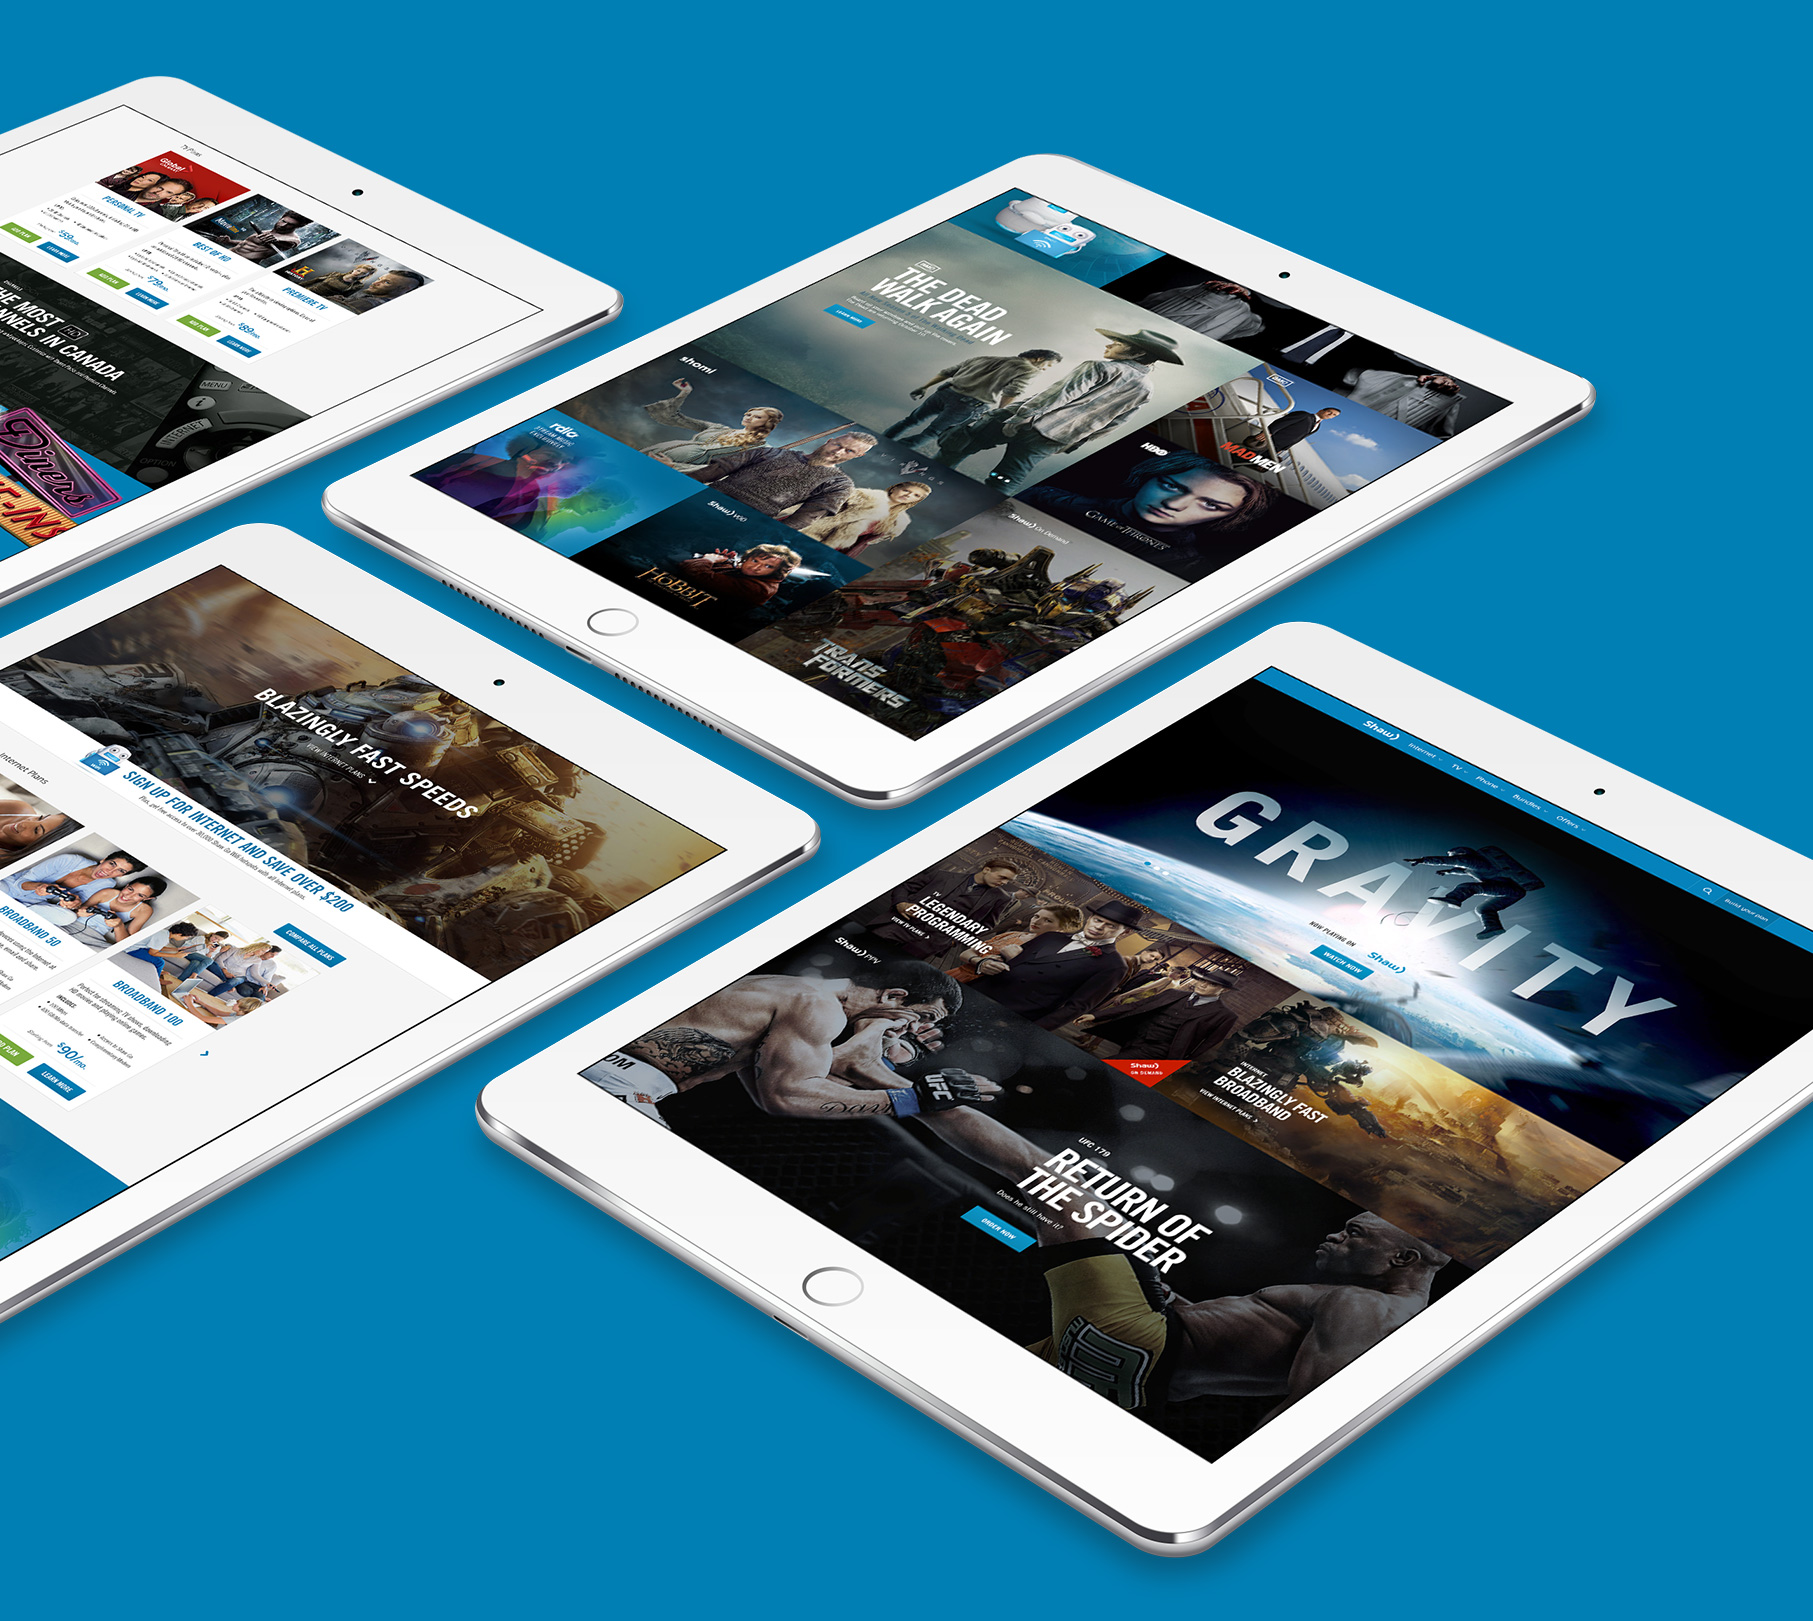 Shaw_iPads